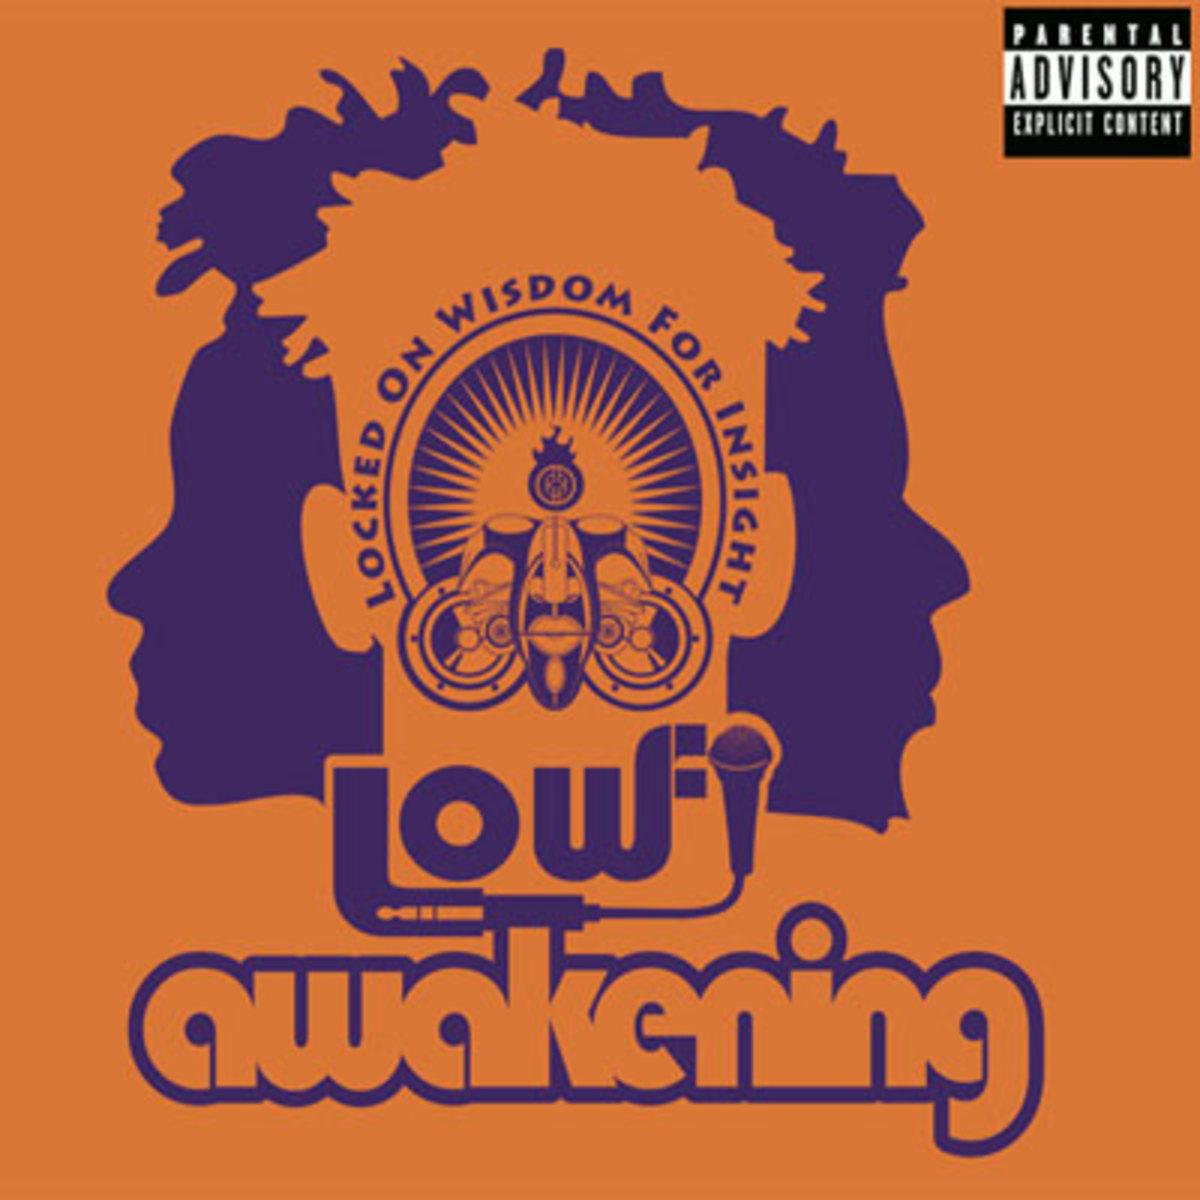 lowfi-awakening.jpg